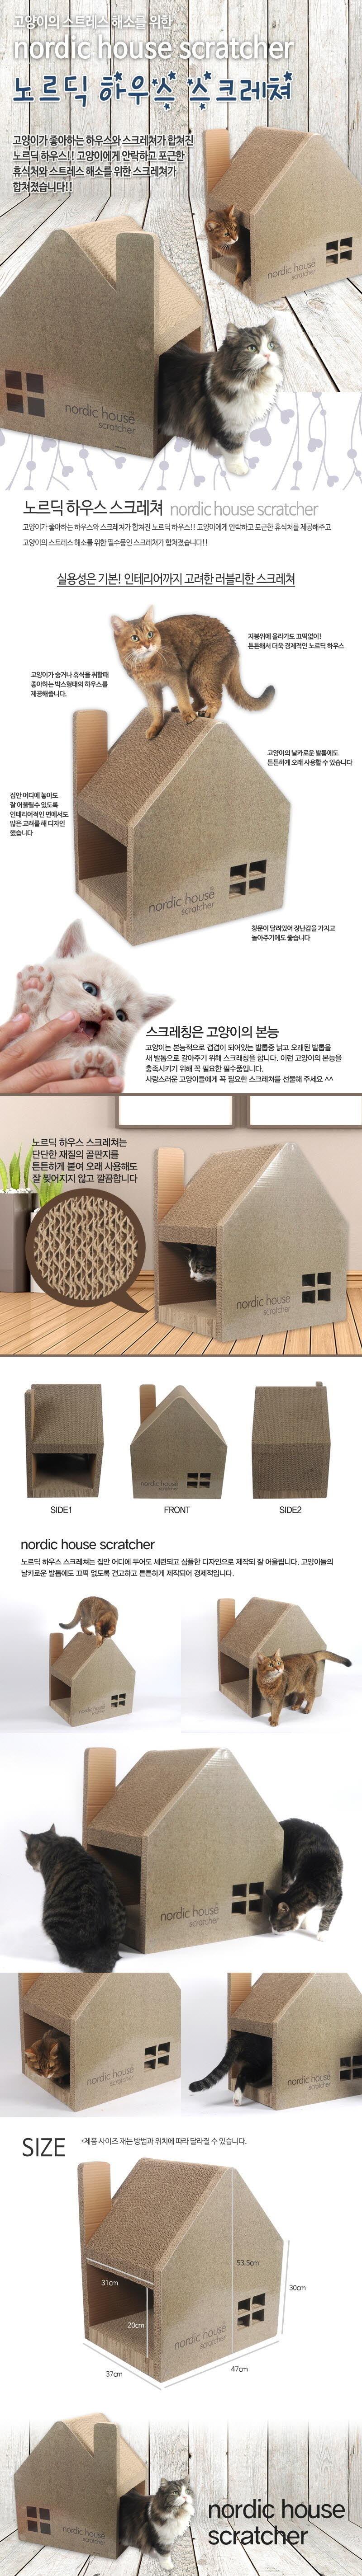 고양이 스크래쳐 노르딕 하우스 오리지날 - 노르딕하우스, 38,000원, 스크래쳐, 골판지 재질